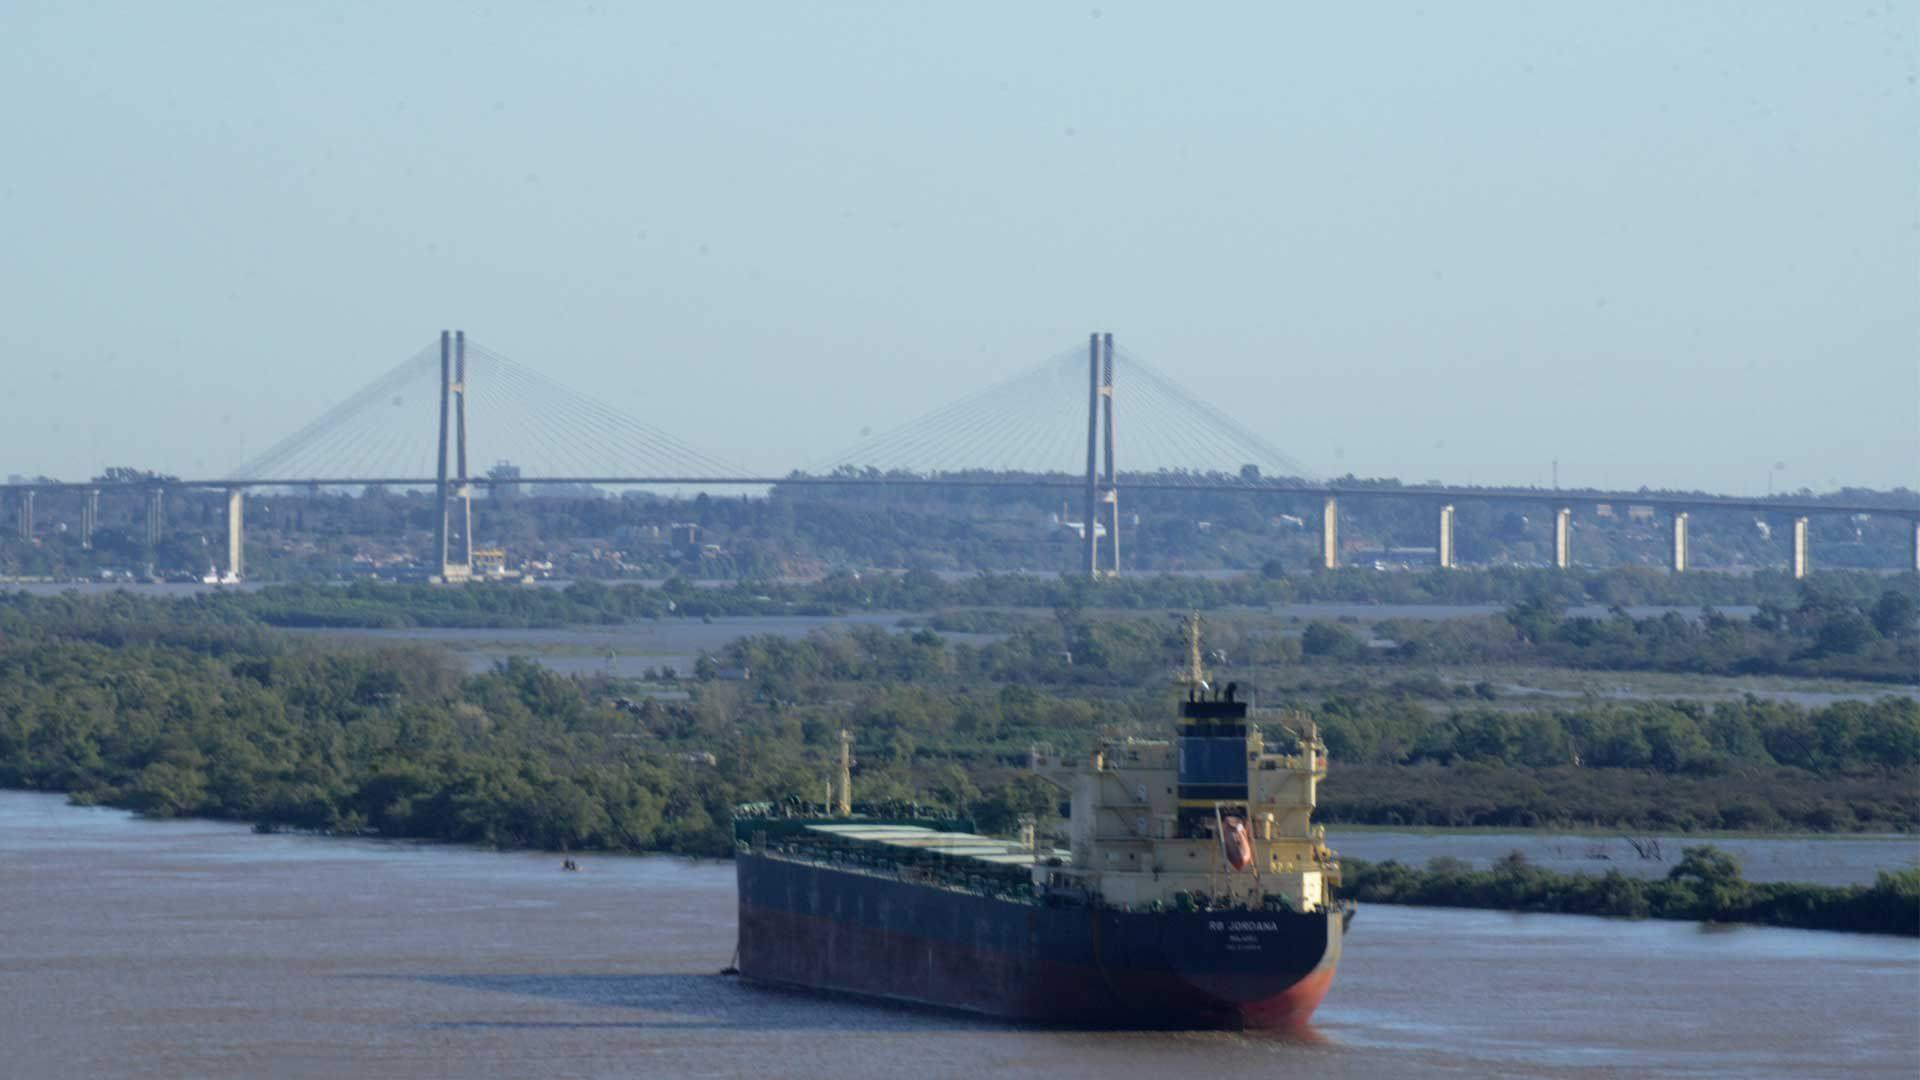 Anunciaron paro de actividades en puerto de Rosario - Sin Mordaza